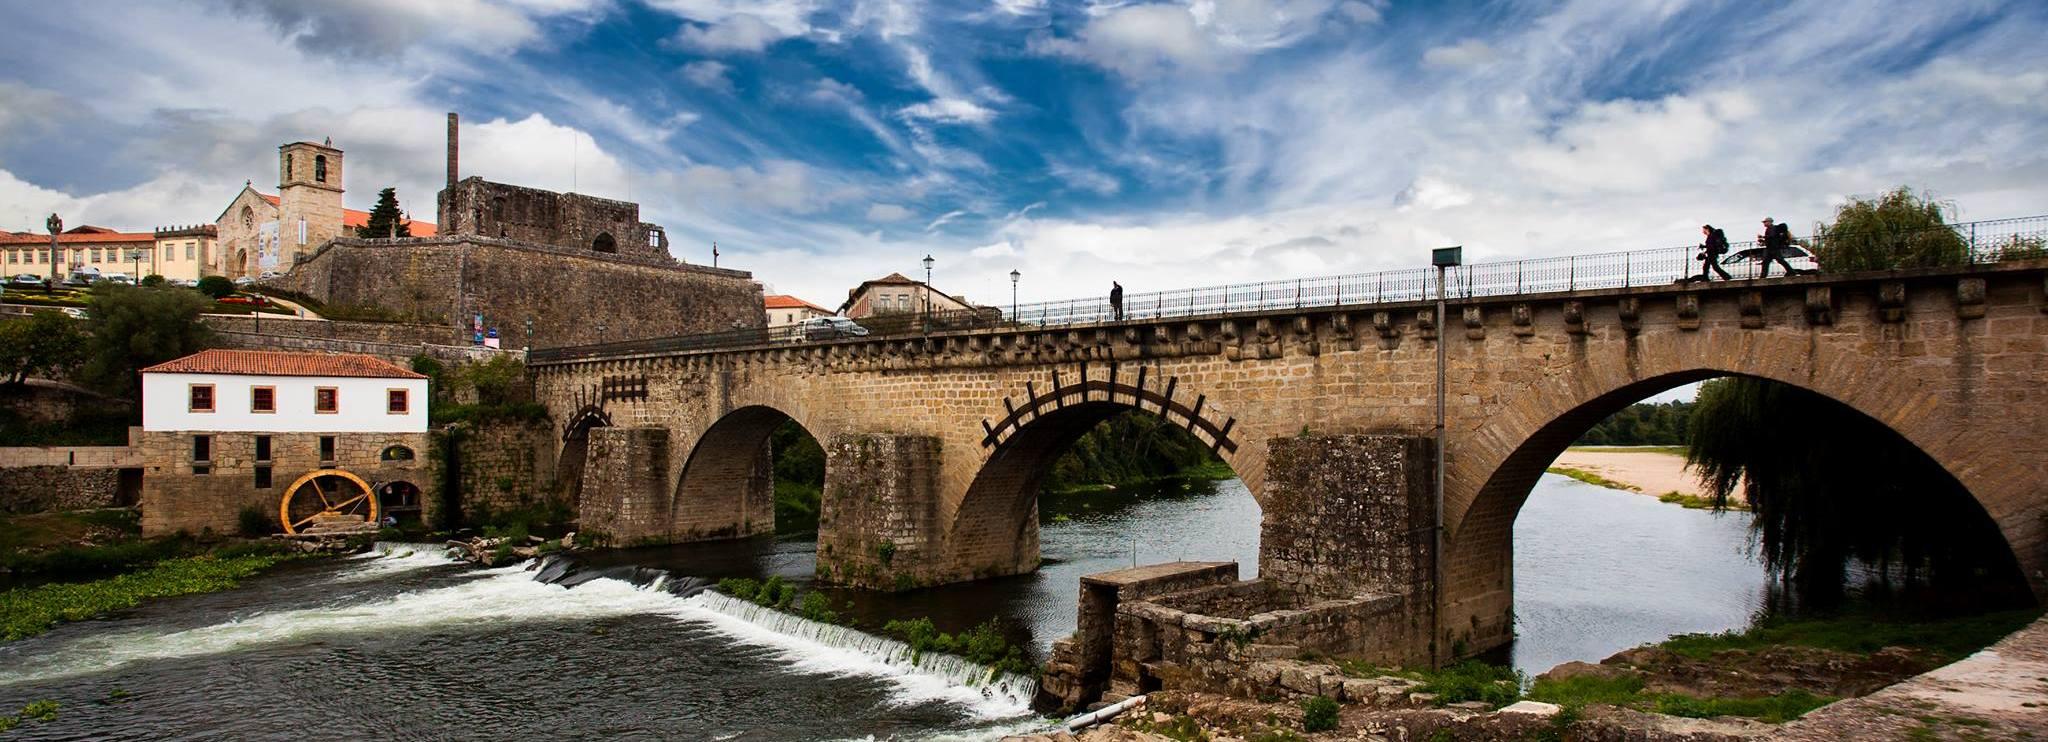 7 Aldeias de Barcelos candidatas às 7 Maravilhas de Portugal